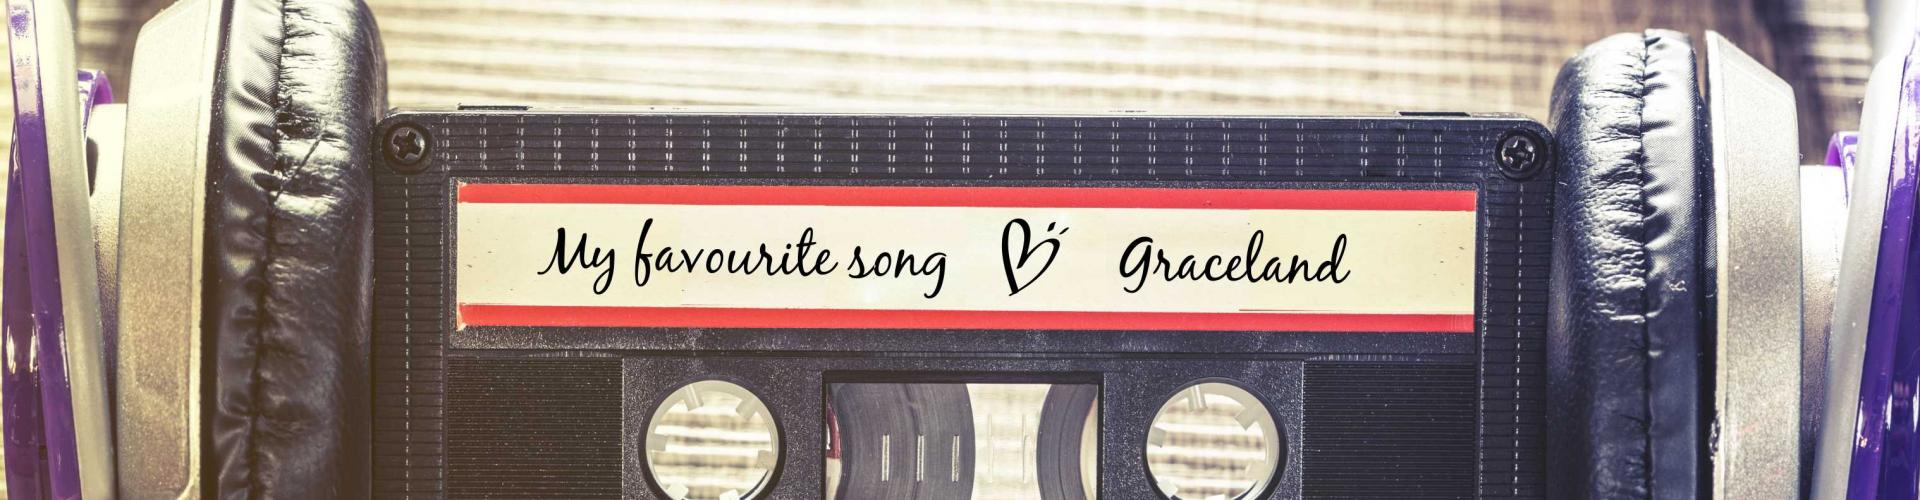 Slieder_My favourite song_für web